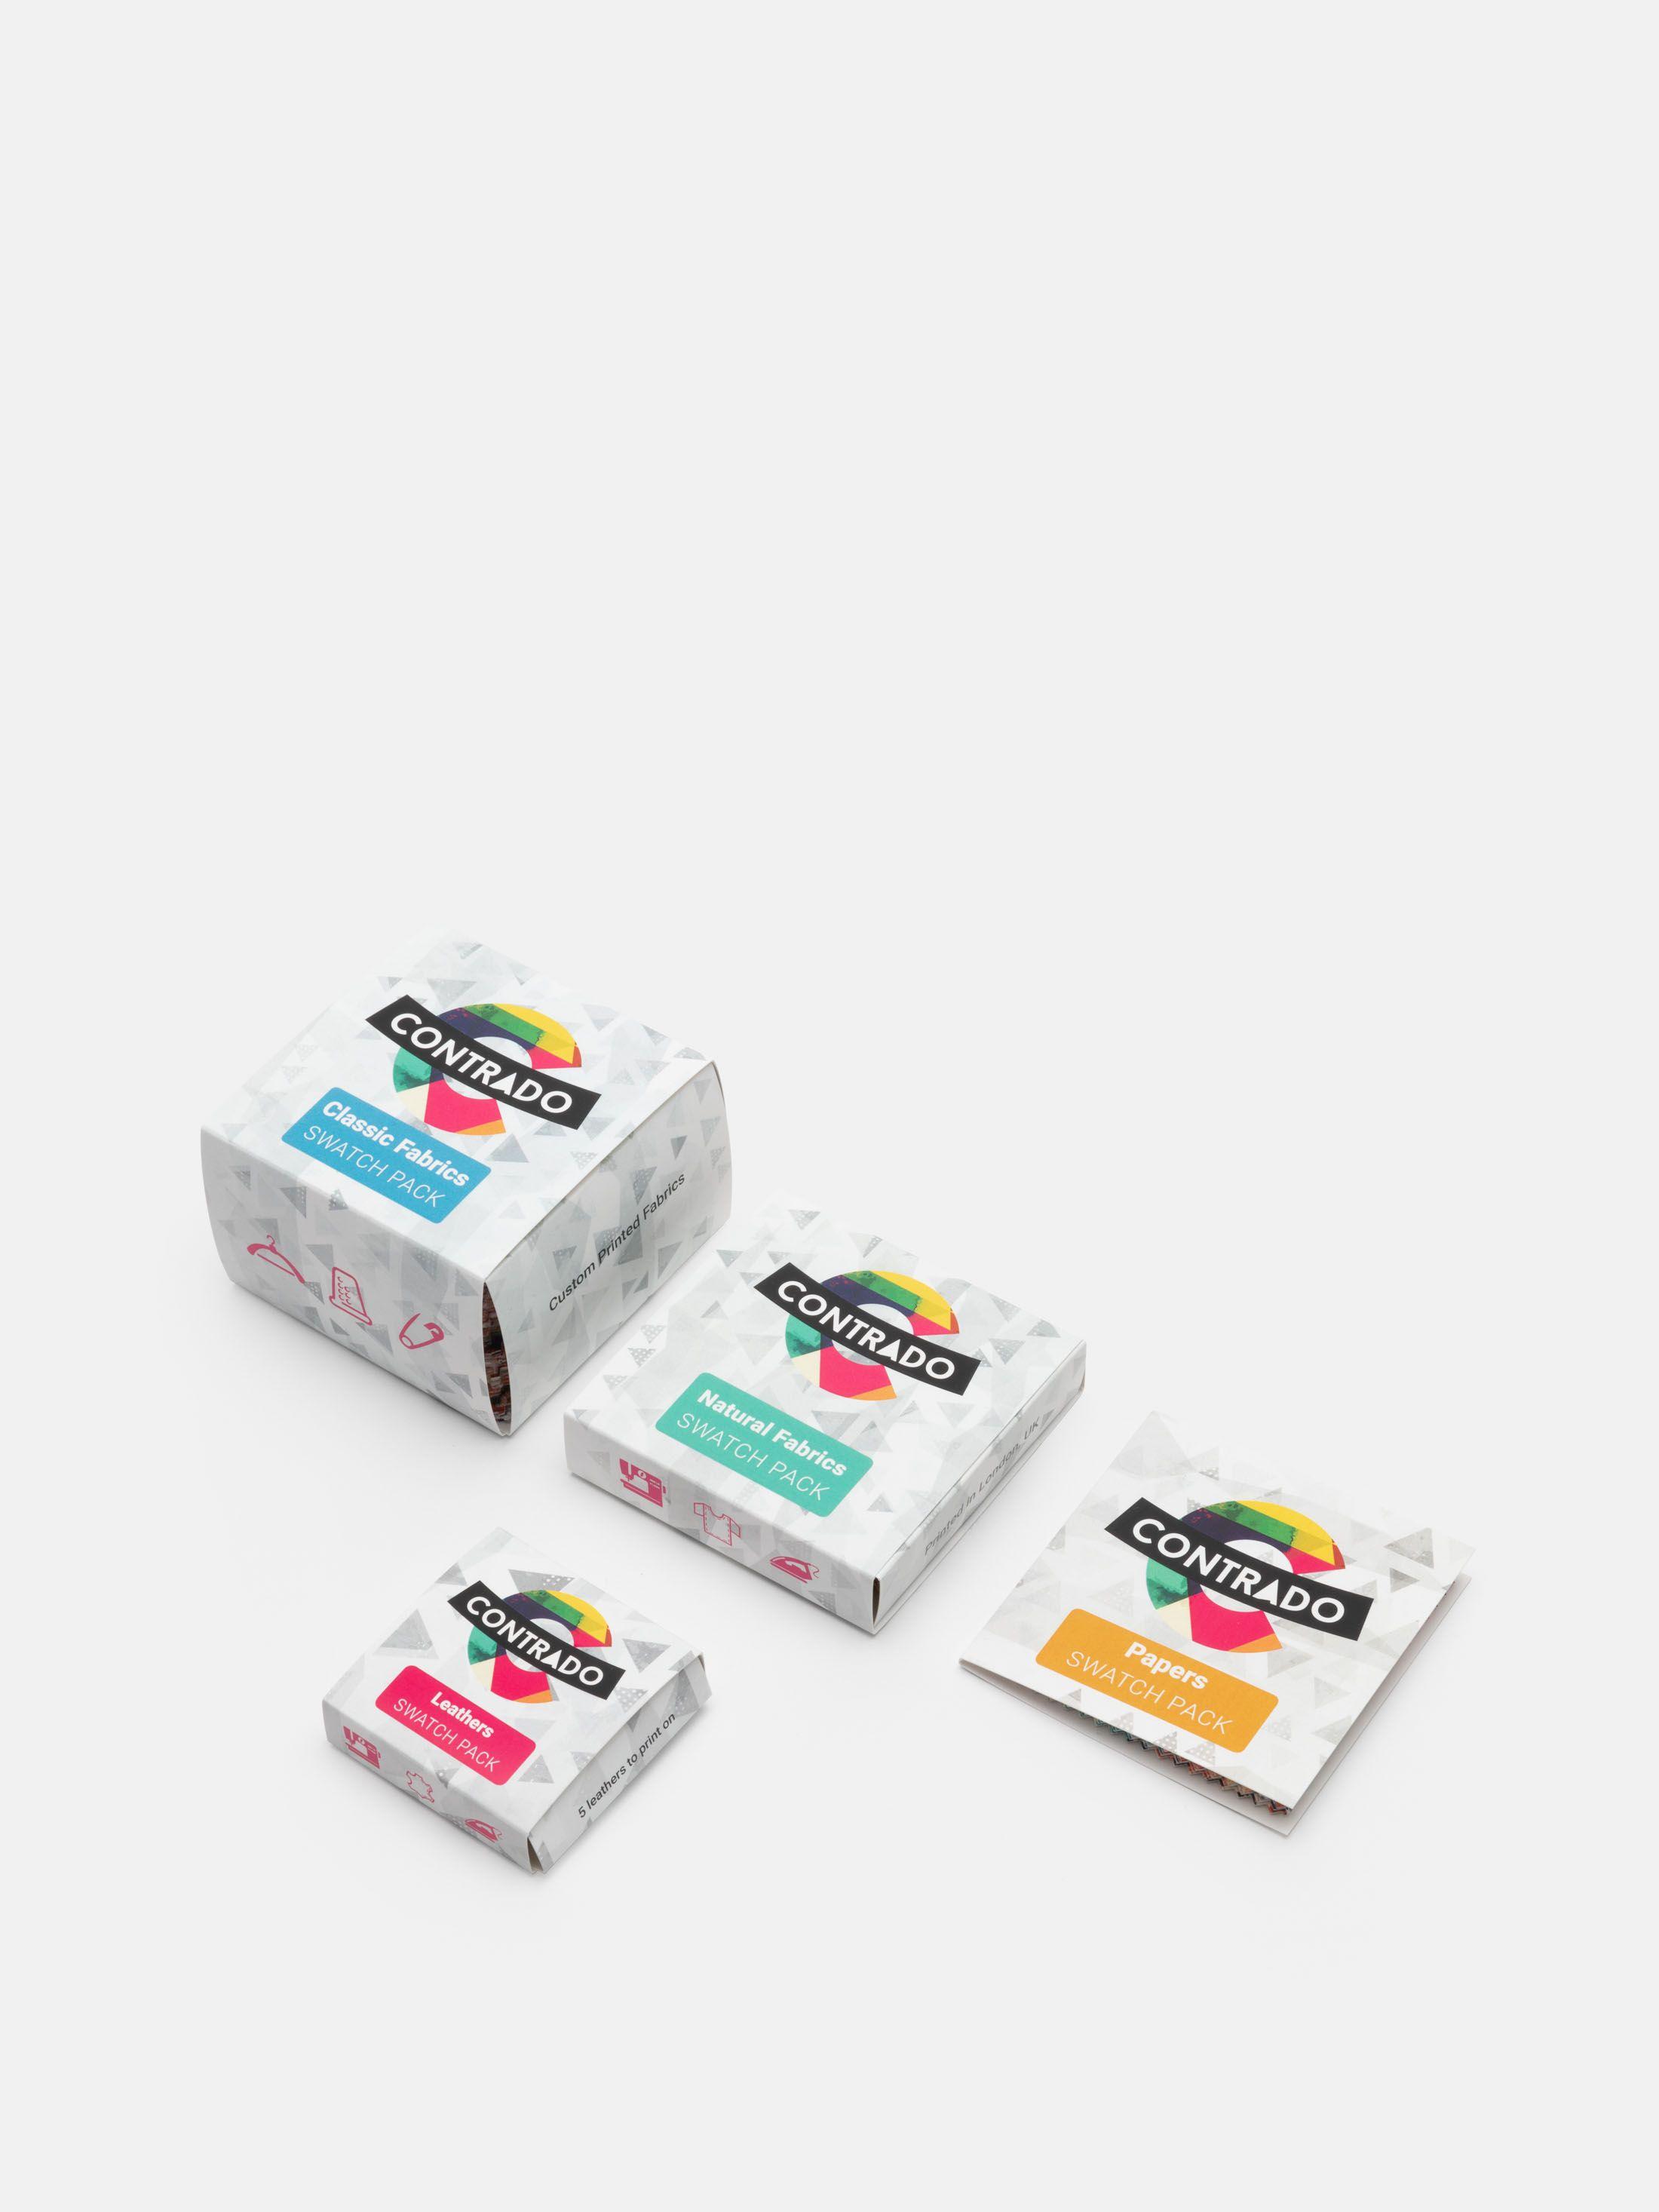 Contrado swatch  pack